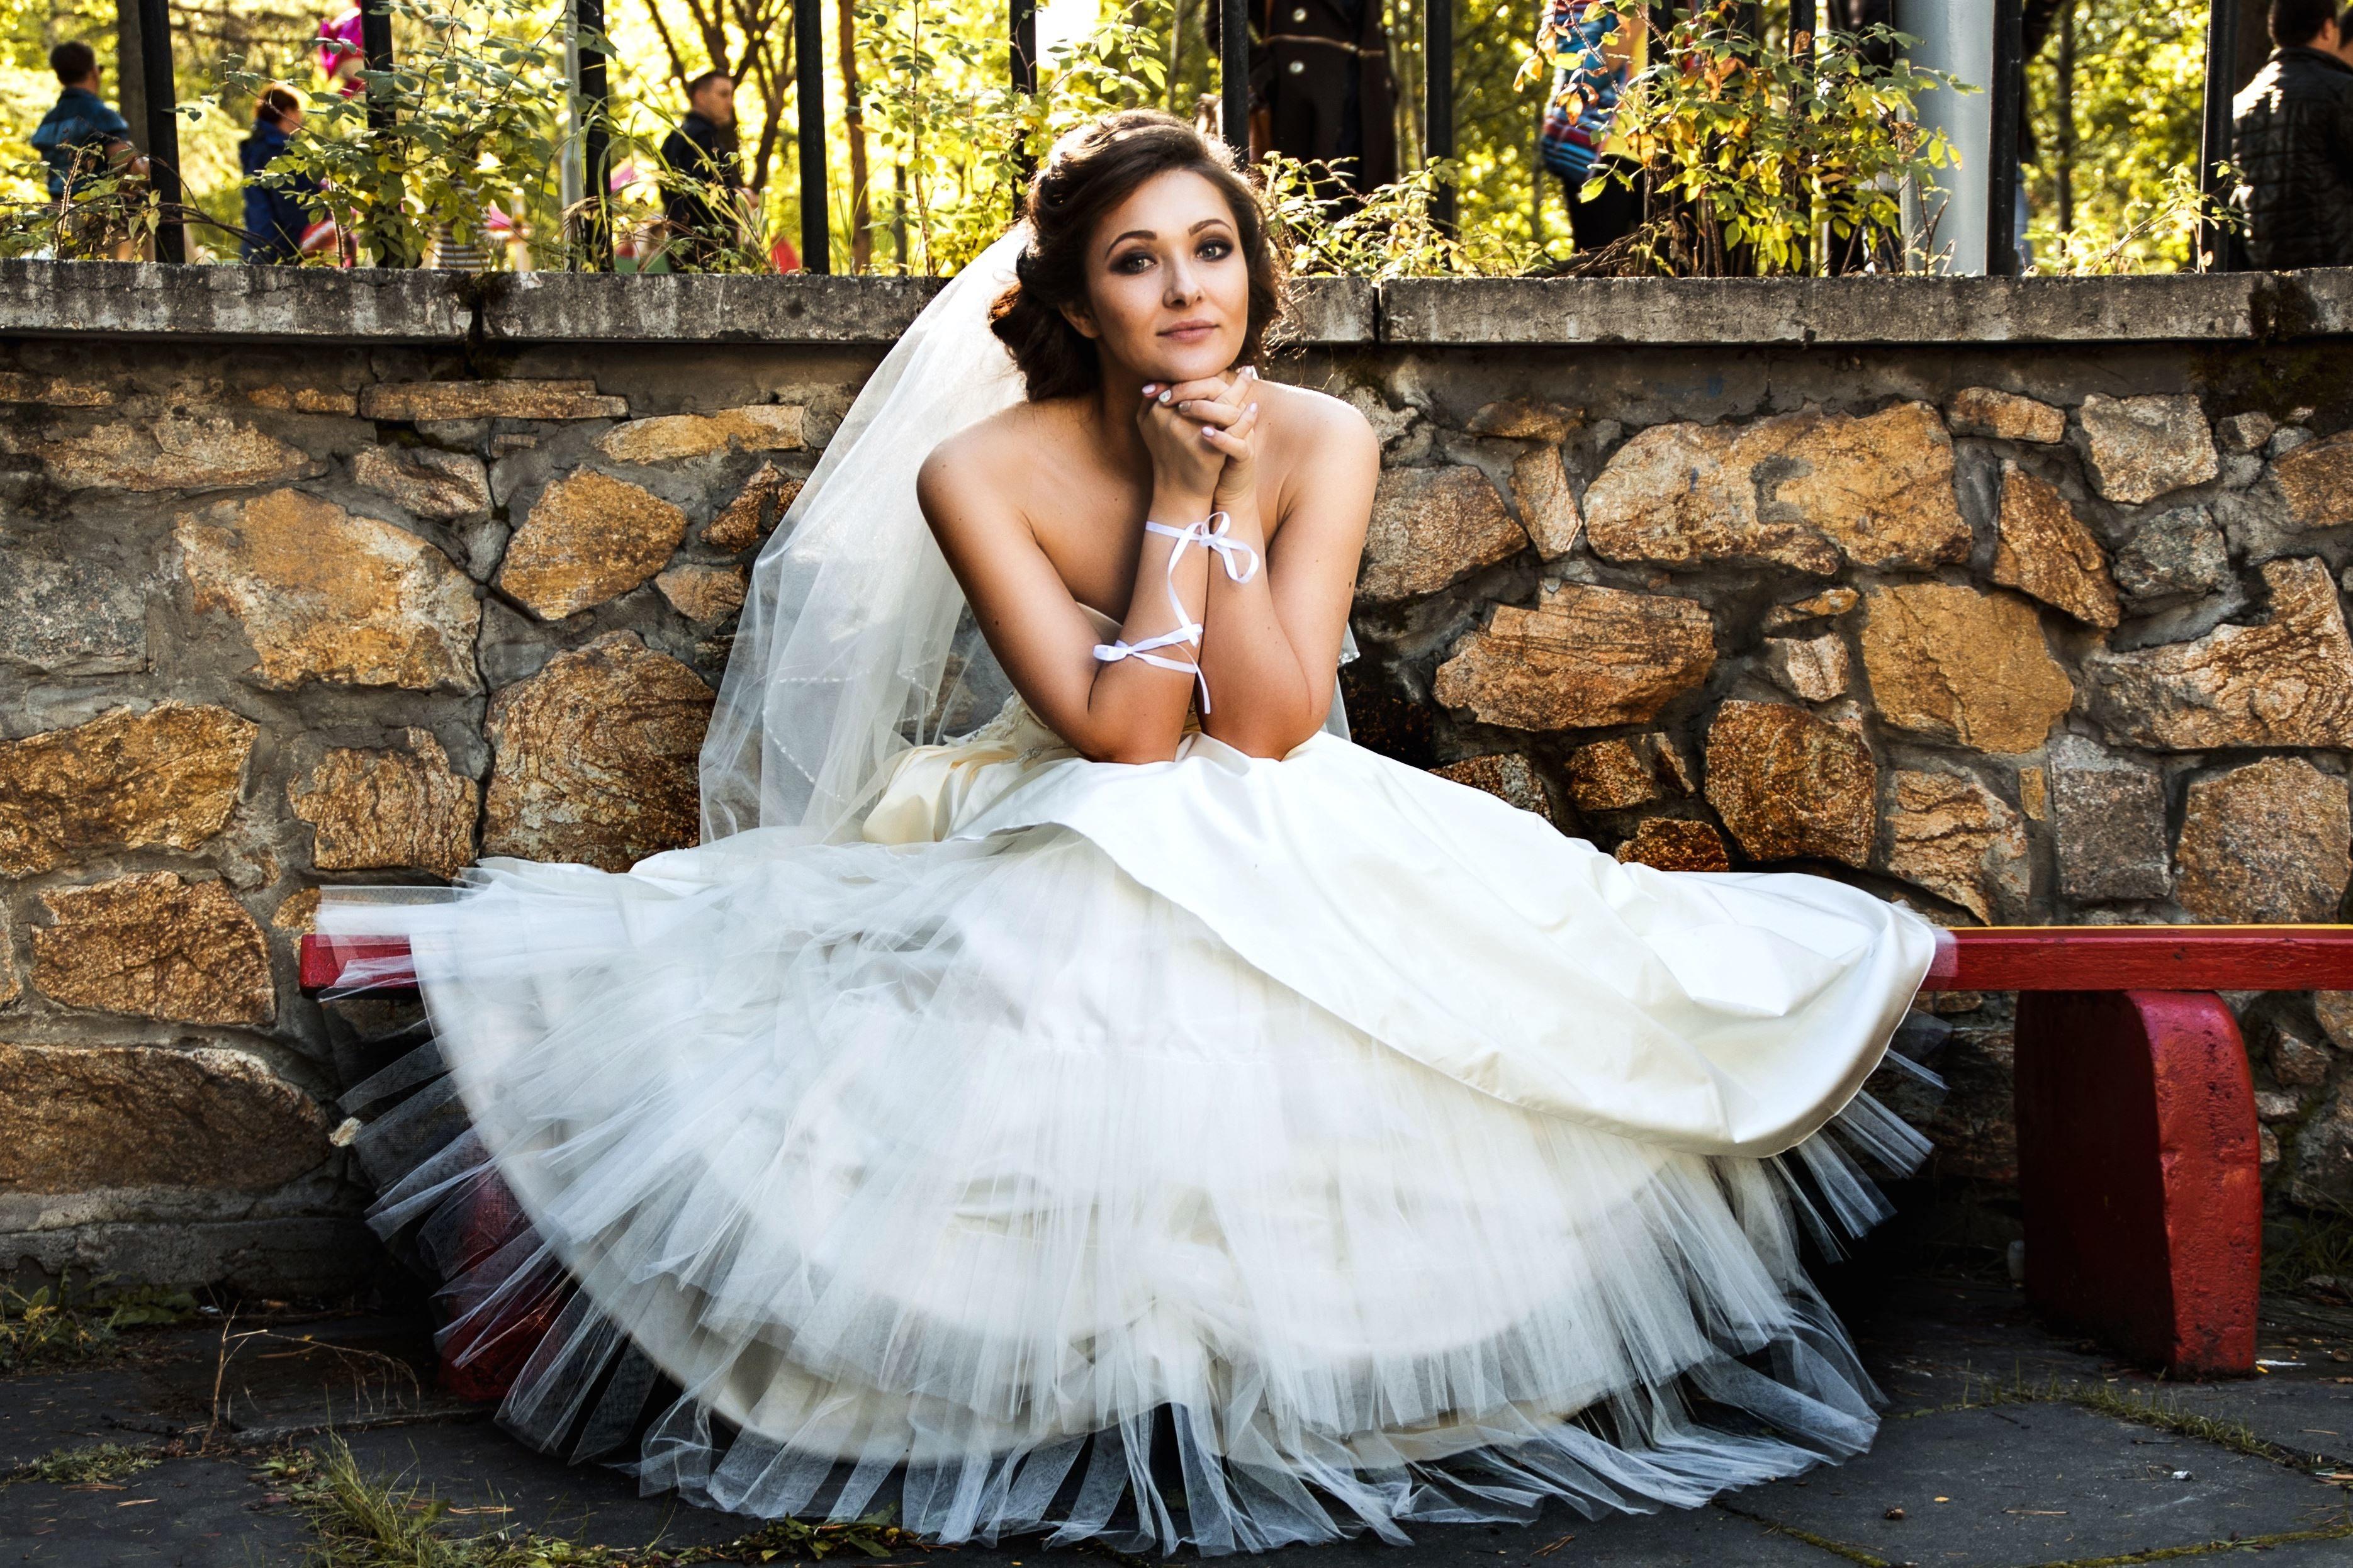 kostenlose bild: hochzeitskleid, braut, weißes kleid, eine